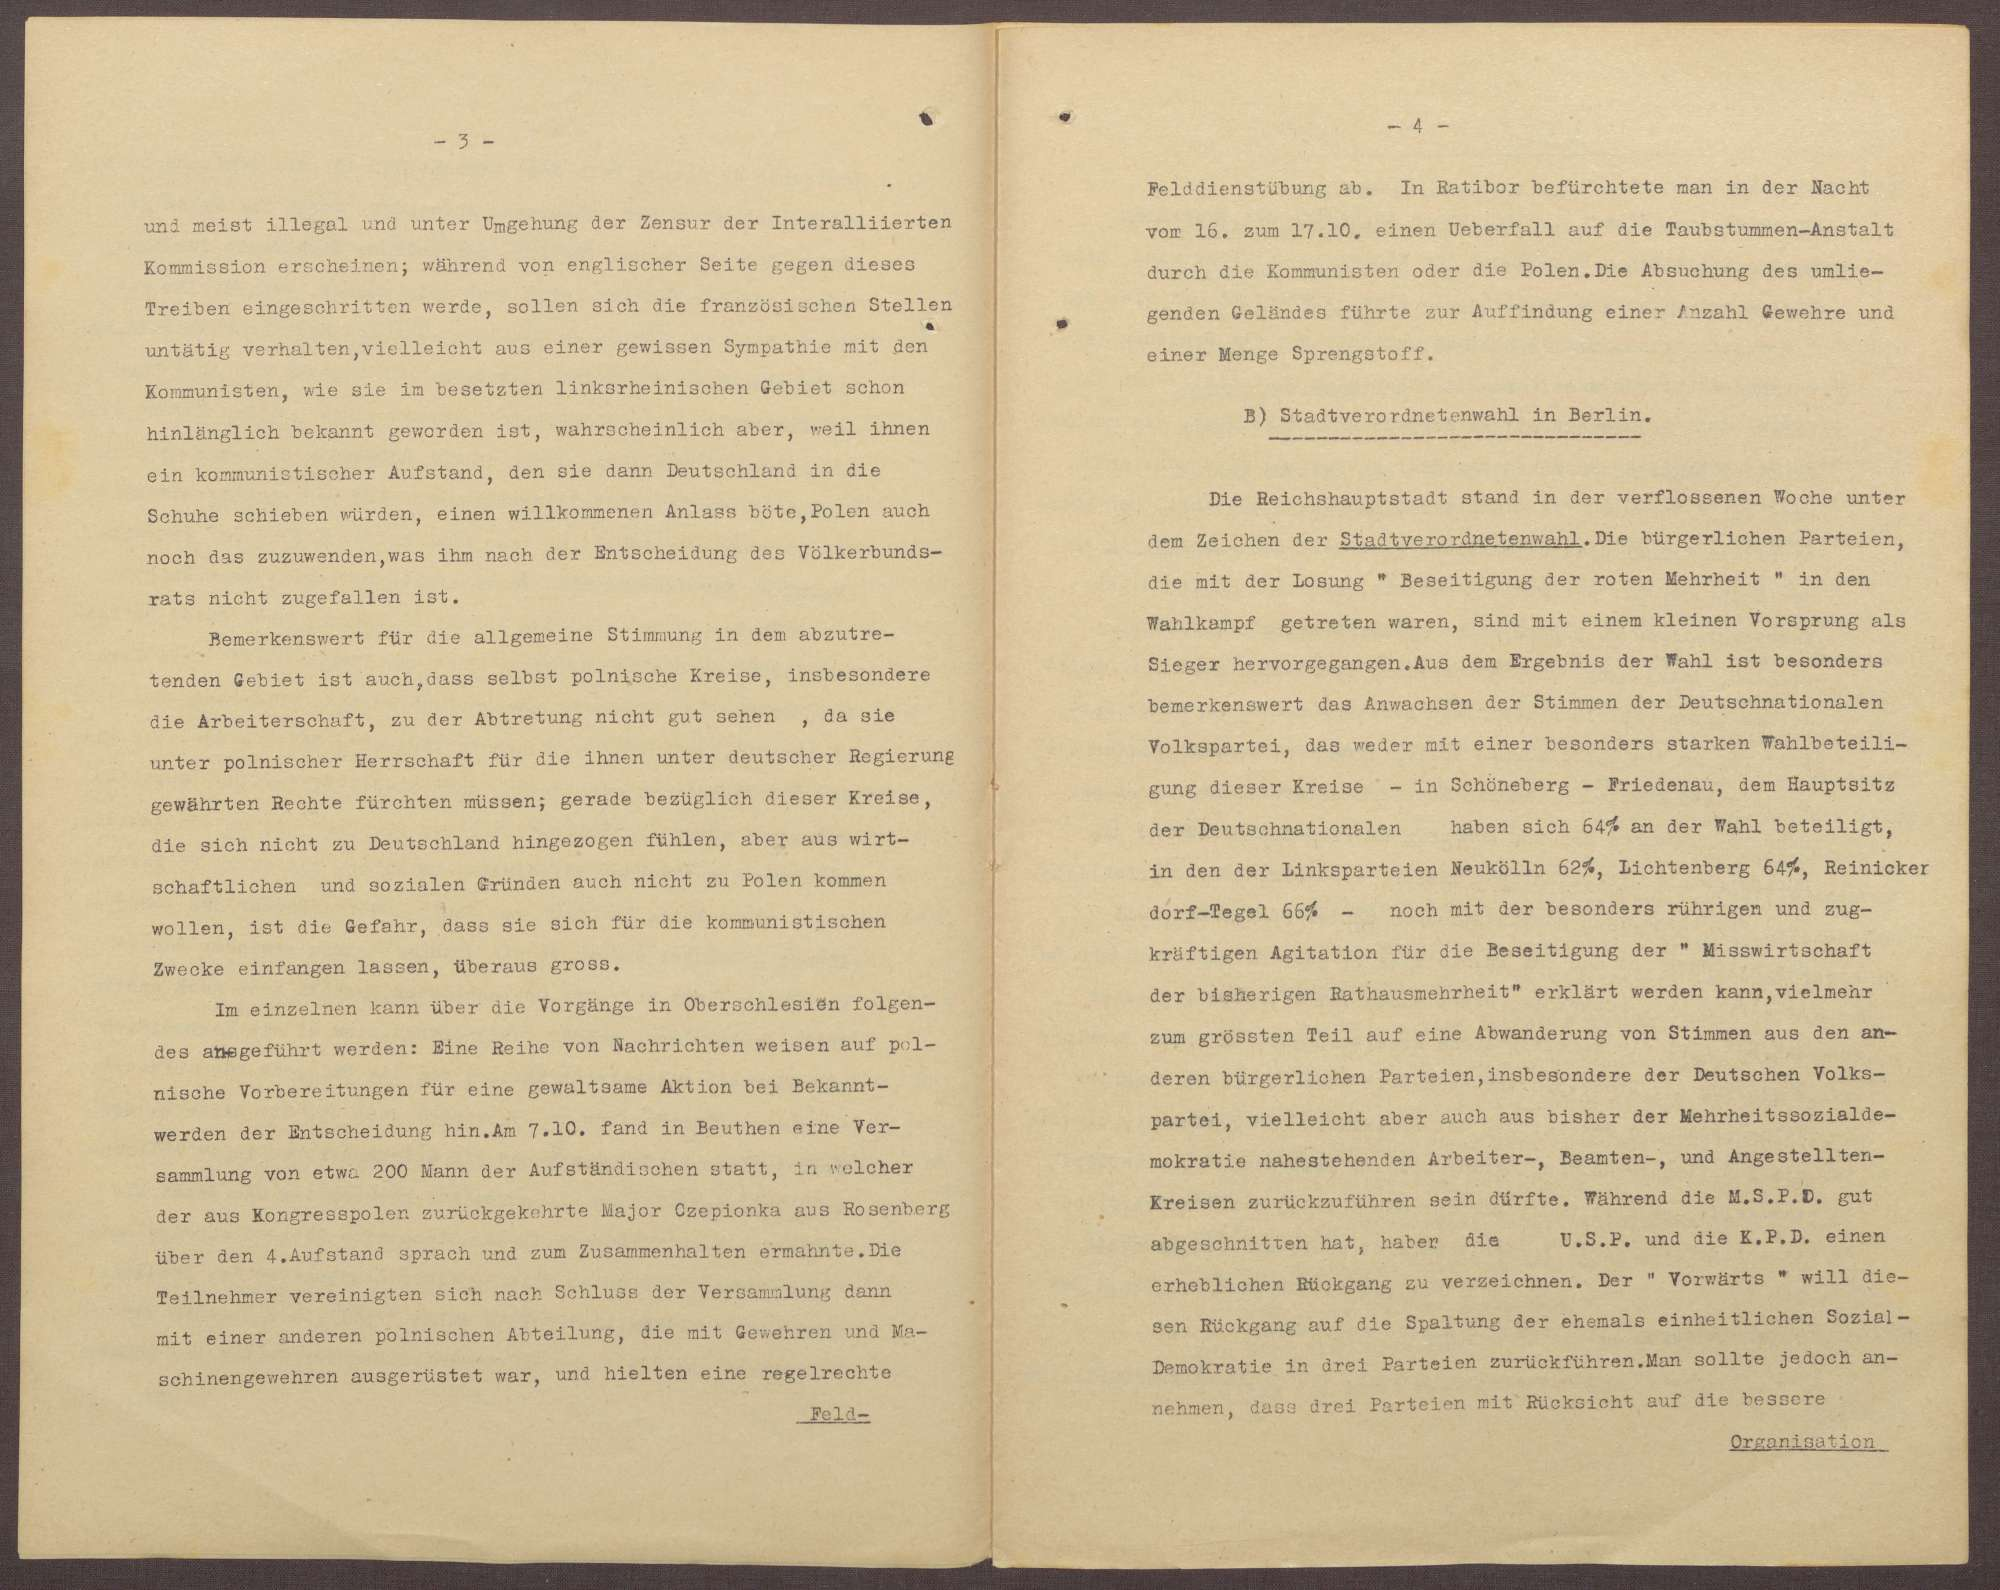 Lageberichte des Reichskommissars für Überwachung der öffentlichen Ordnung, Nr. 58a; zweimal vorhanden, Bild 3